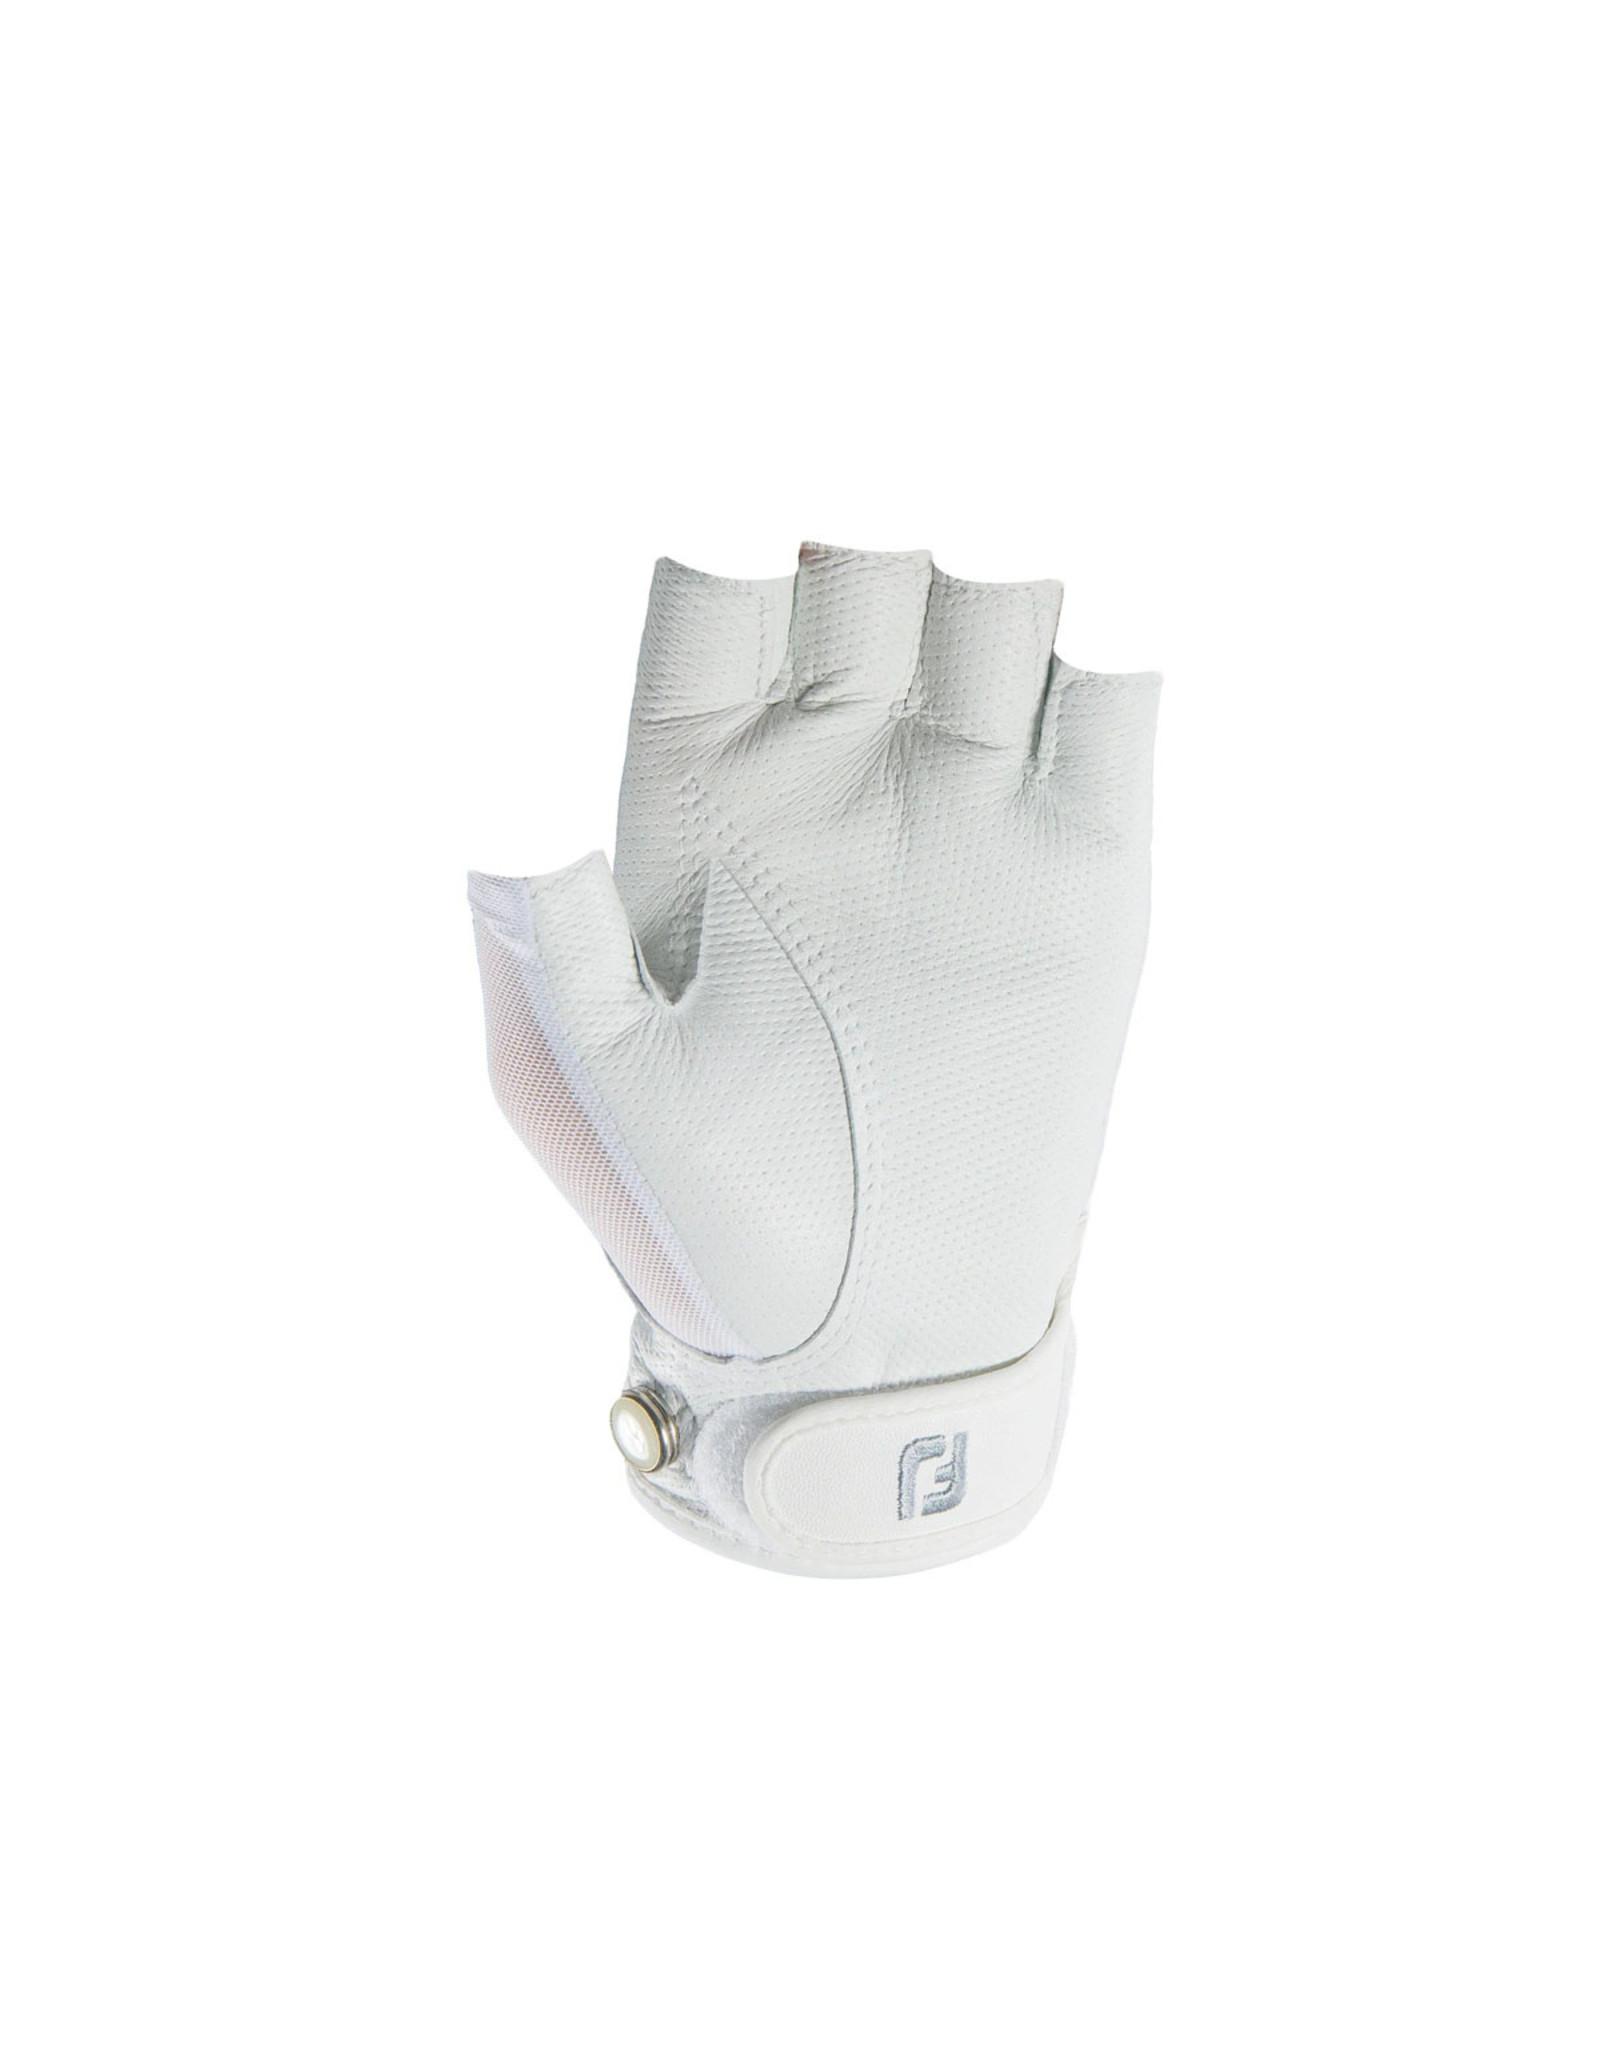 FootJoy FootJoy StaCooler Sport Women's Glove